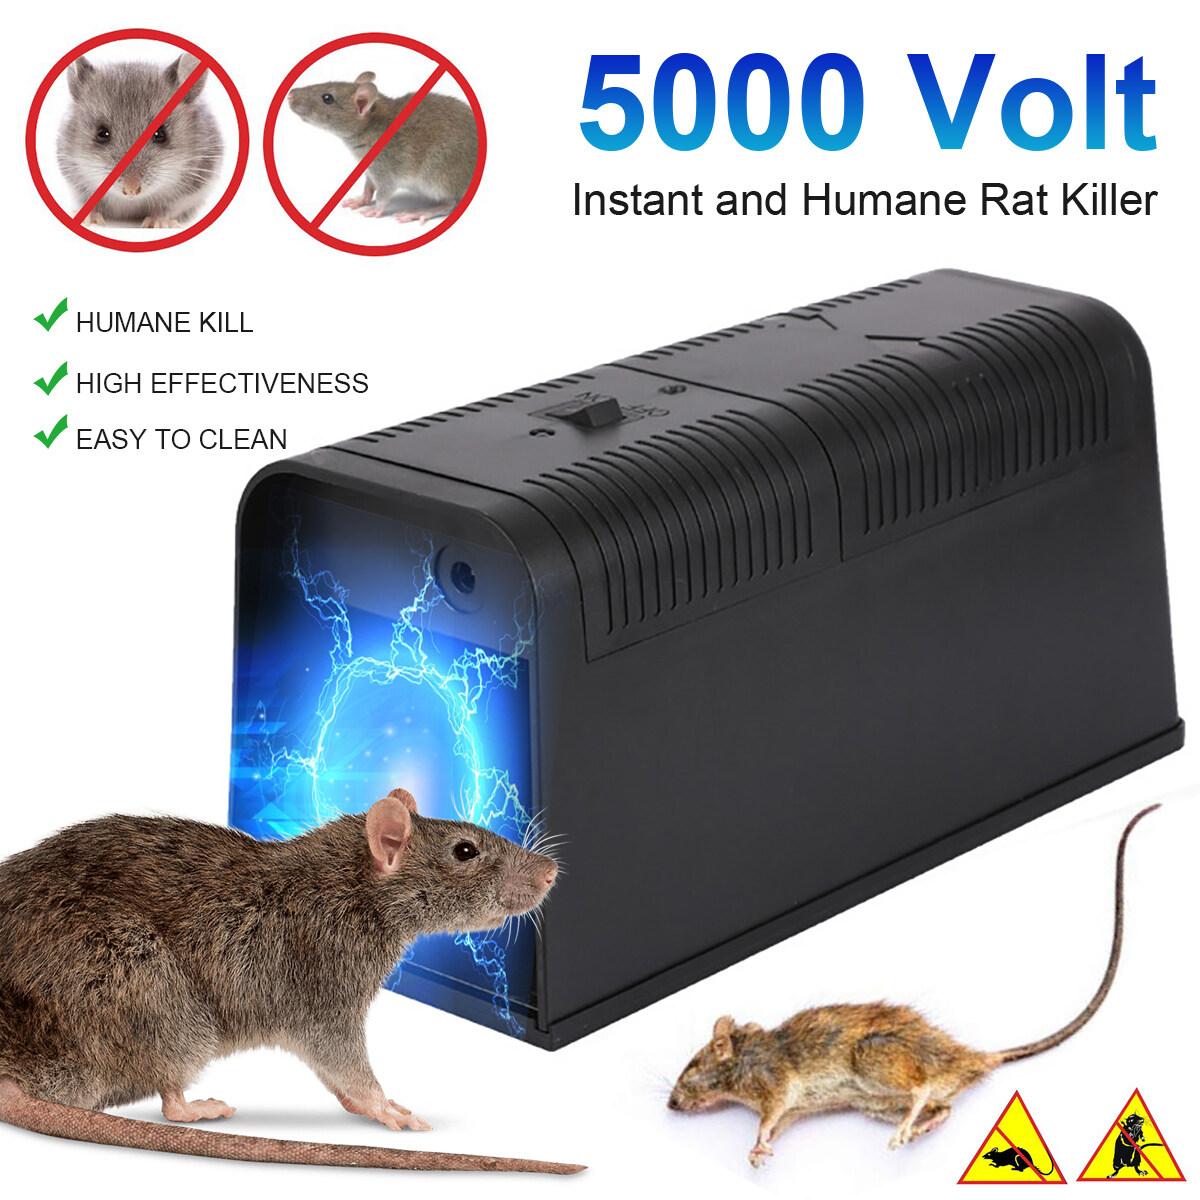 Điện Tử Cái Bẫy Chuột Chuột, Chuột Cống Và Chuột Bắt Chuột Ratkiller